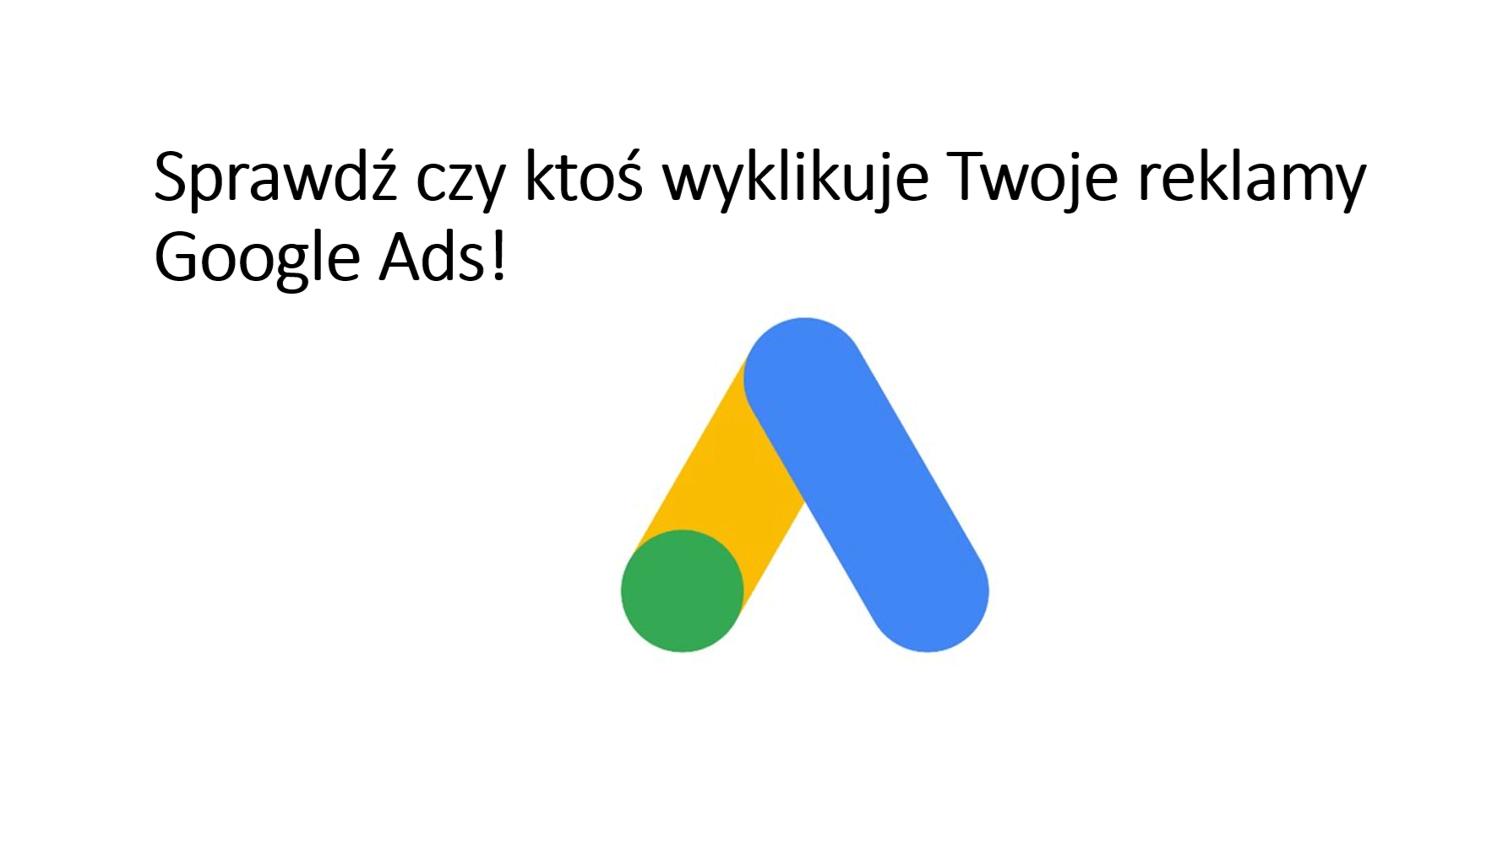 Sprawdź czy ktoś wyklikuje Twoje reklamy Google Ads! Pokażemy Ci gdzie na koncie Google Ads zobaczyć nieprawidłowe kliknięcia.